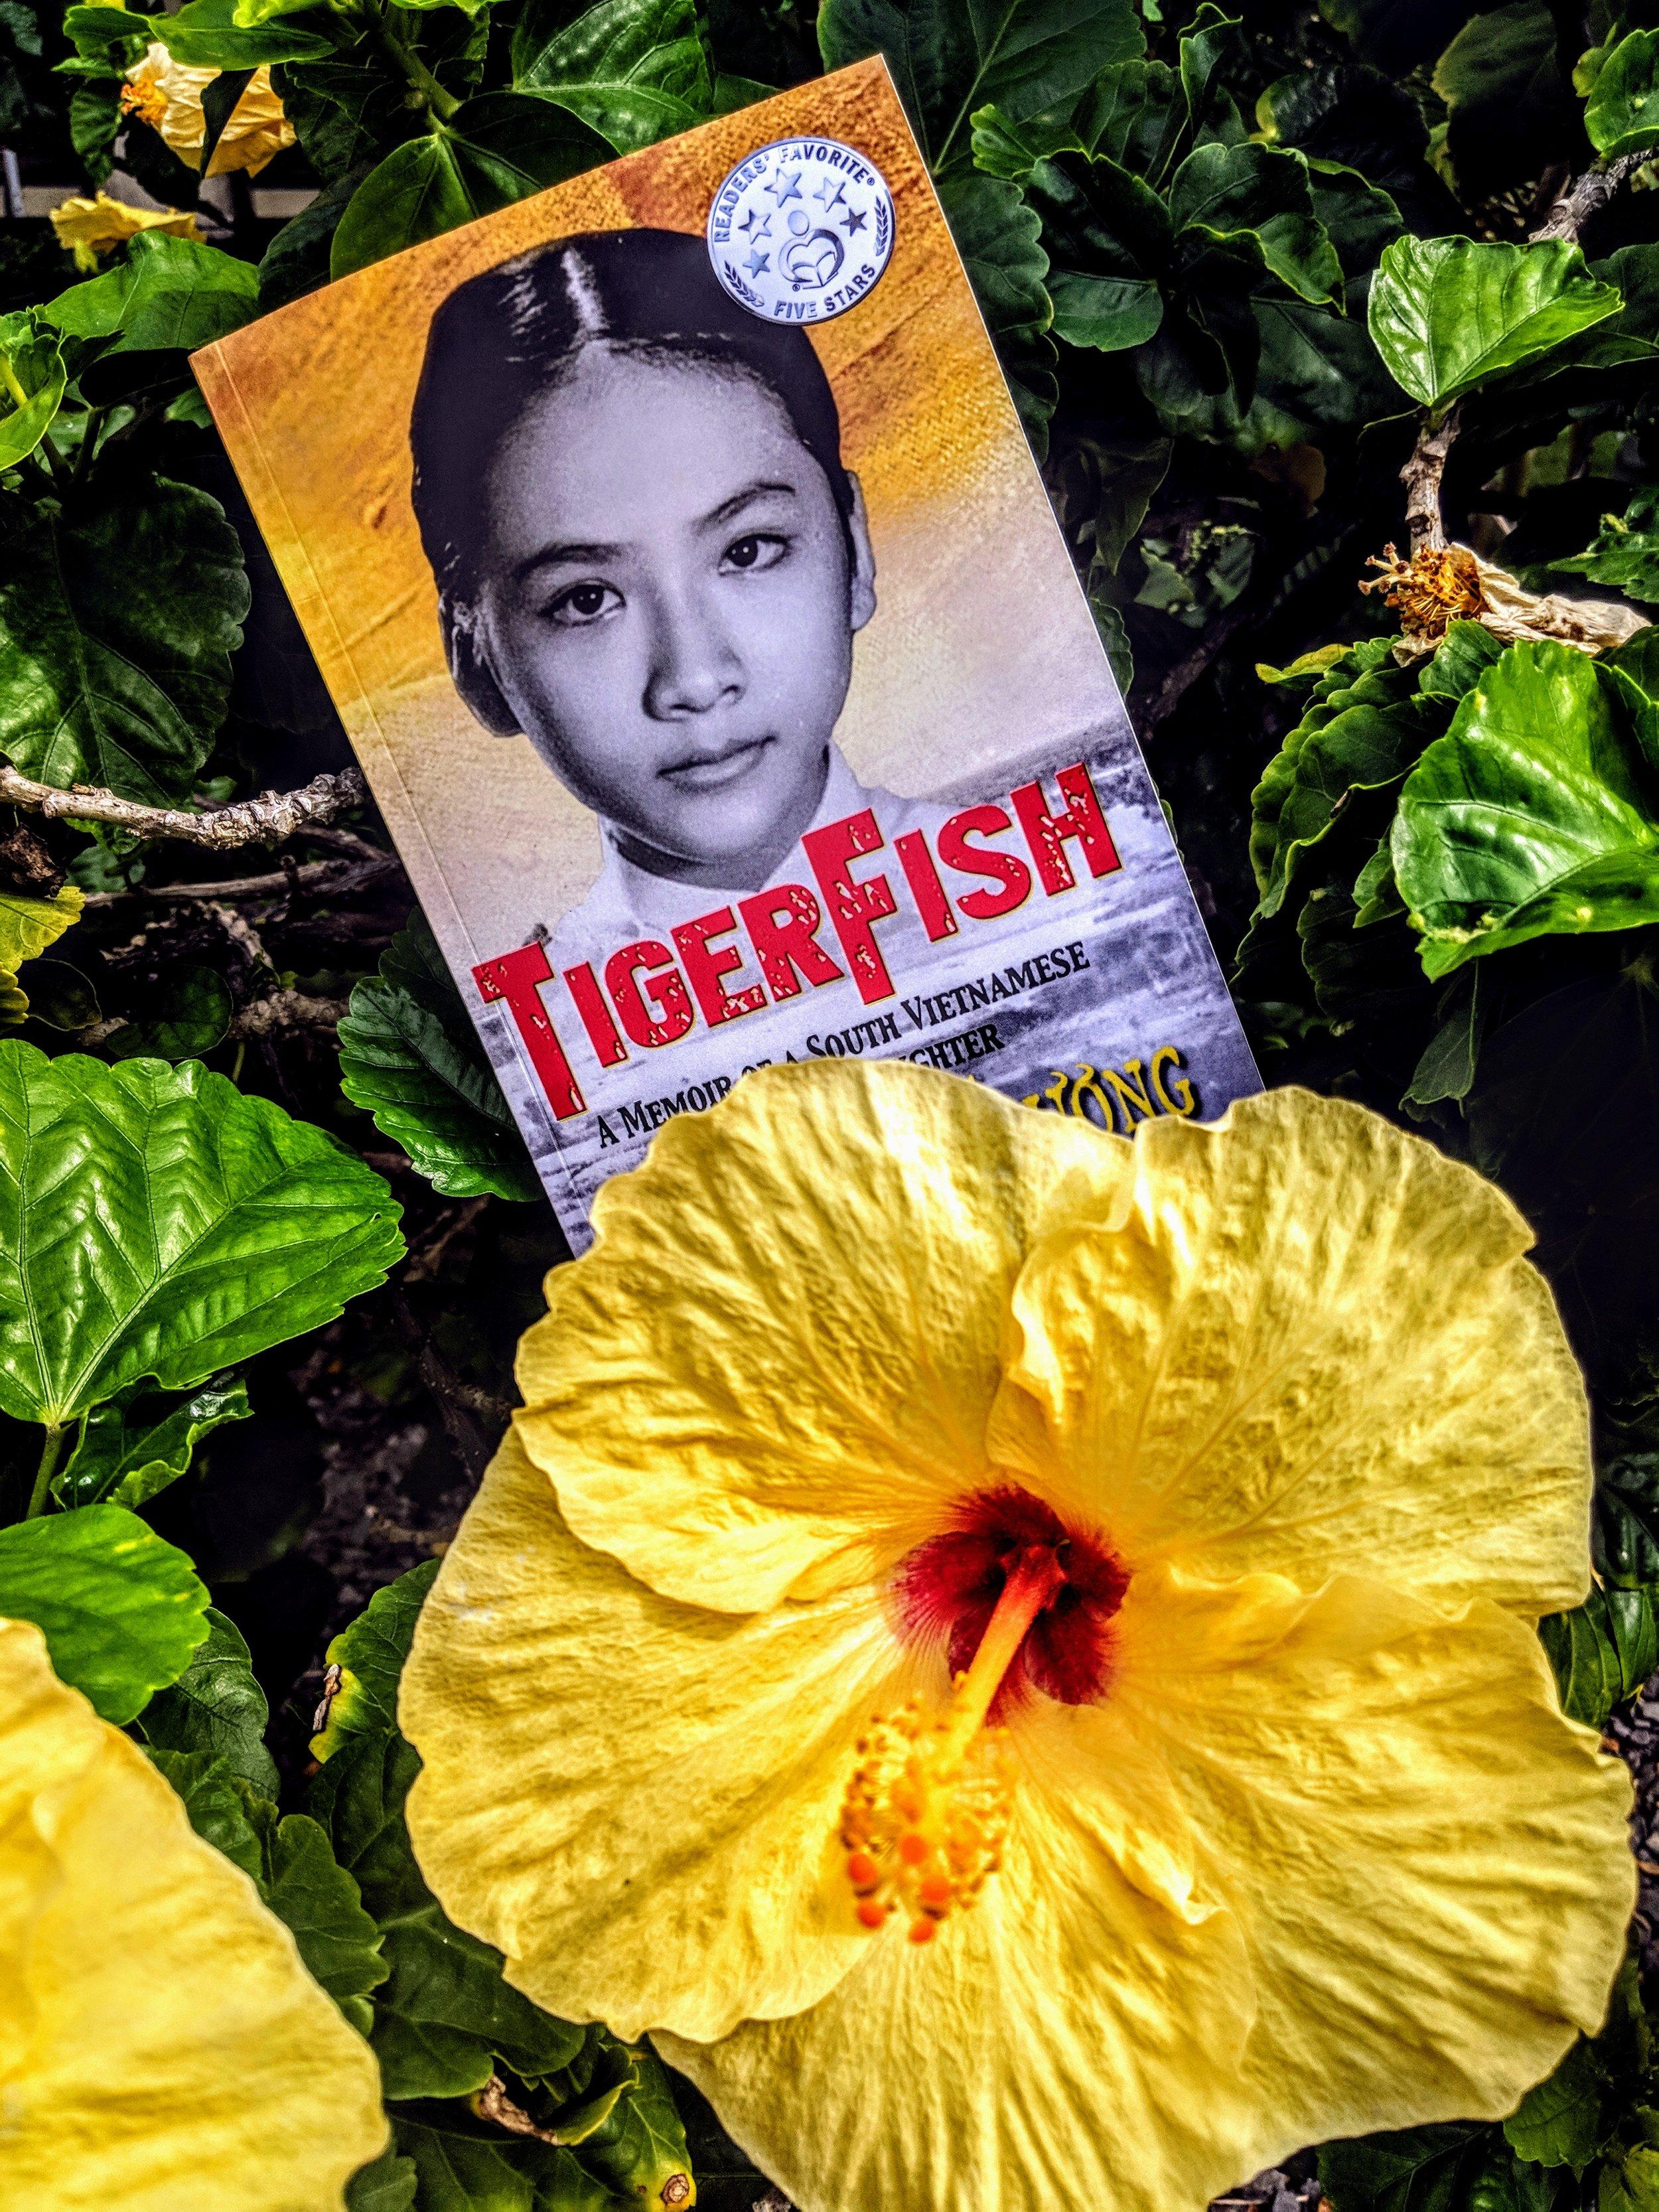 TigerFish, a memoir